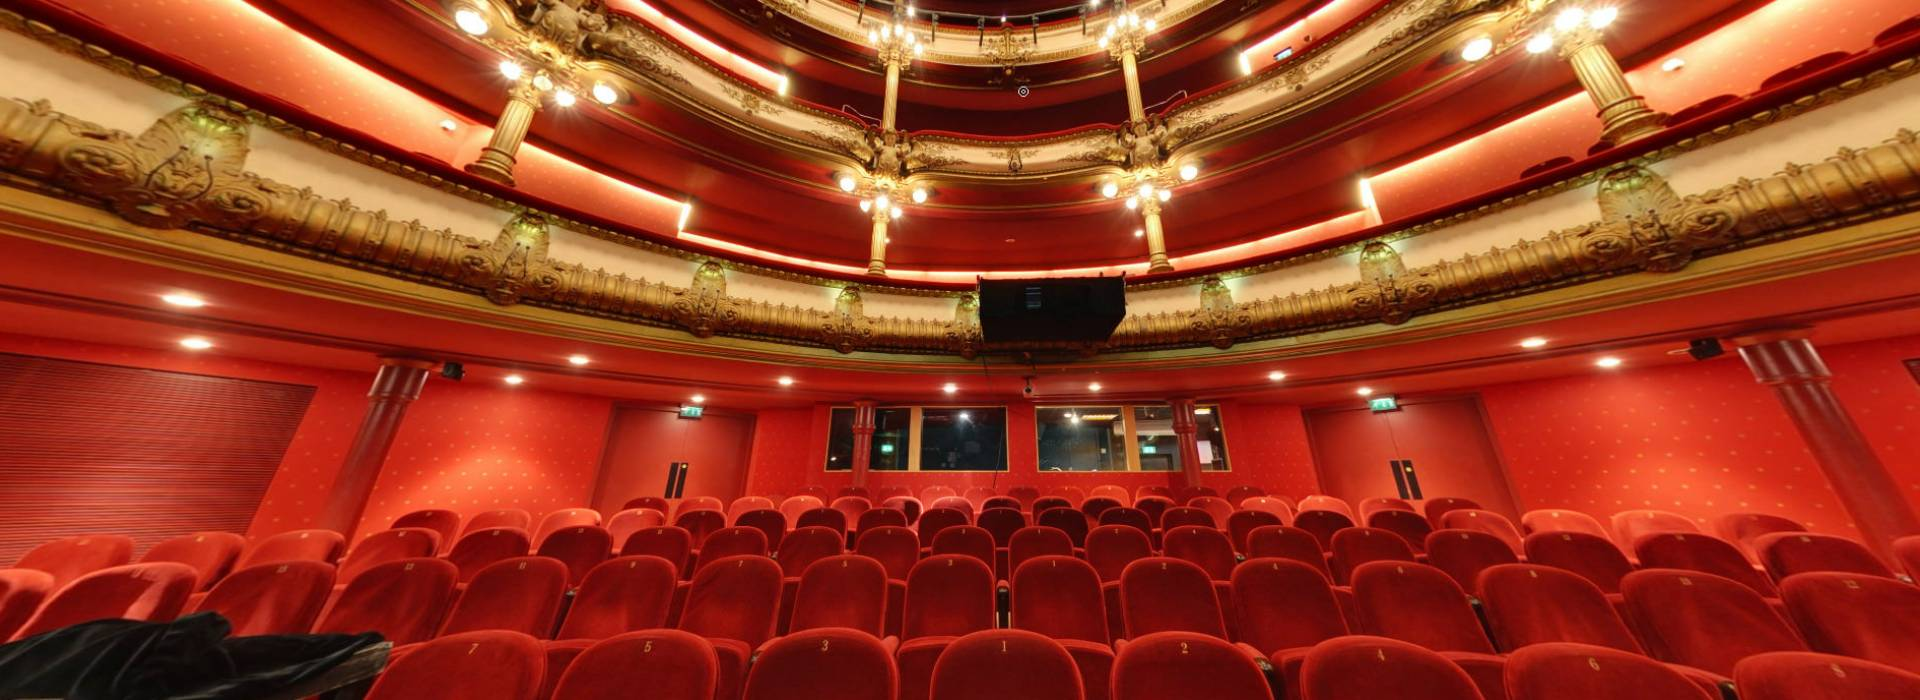 Archives Celestins Theatre De Lyon